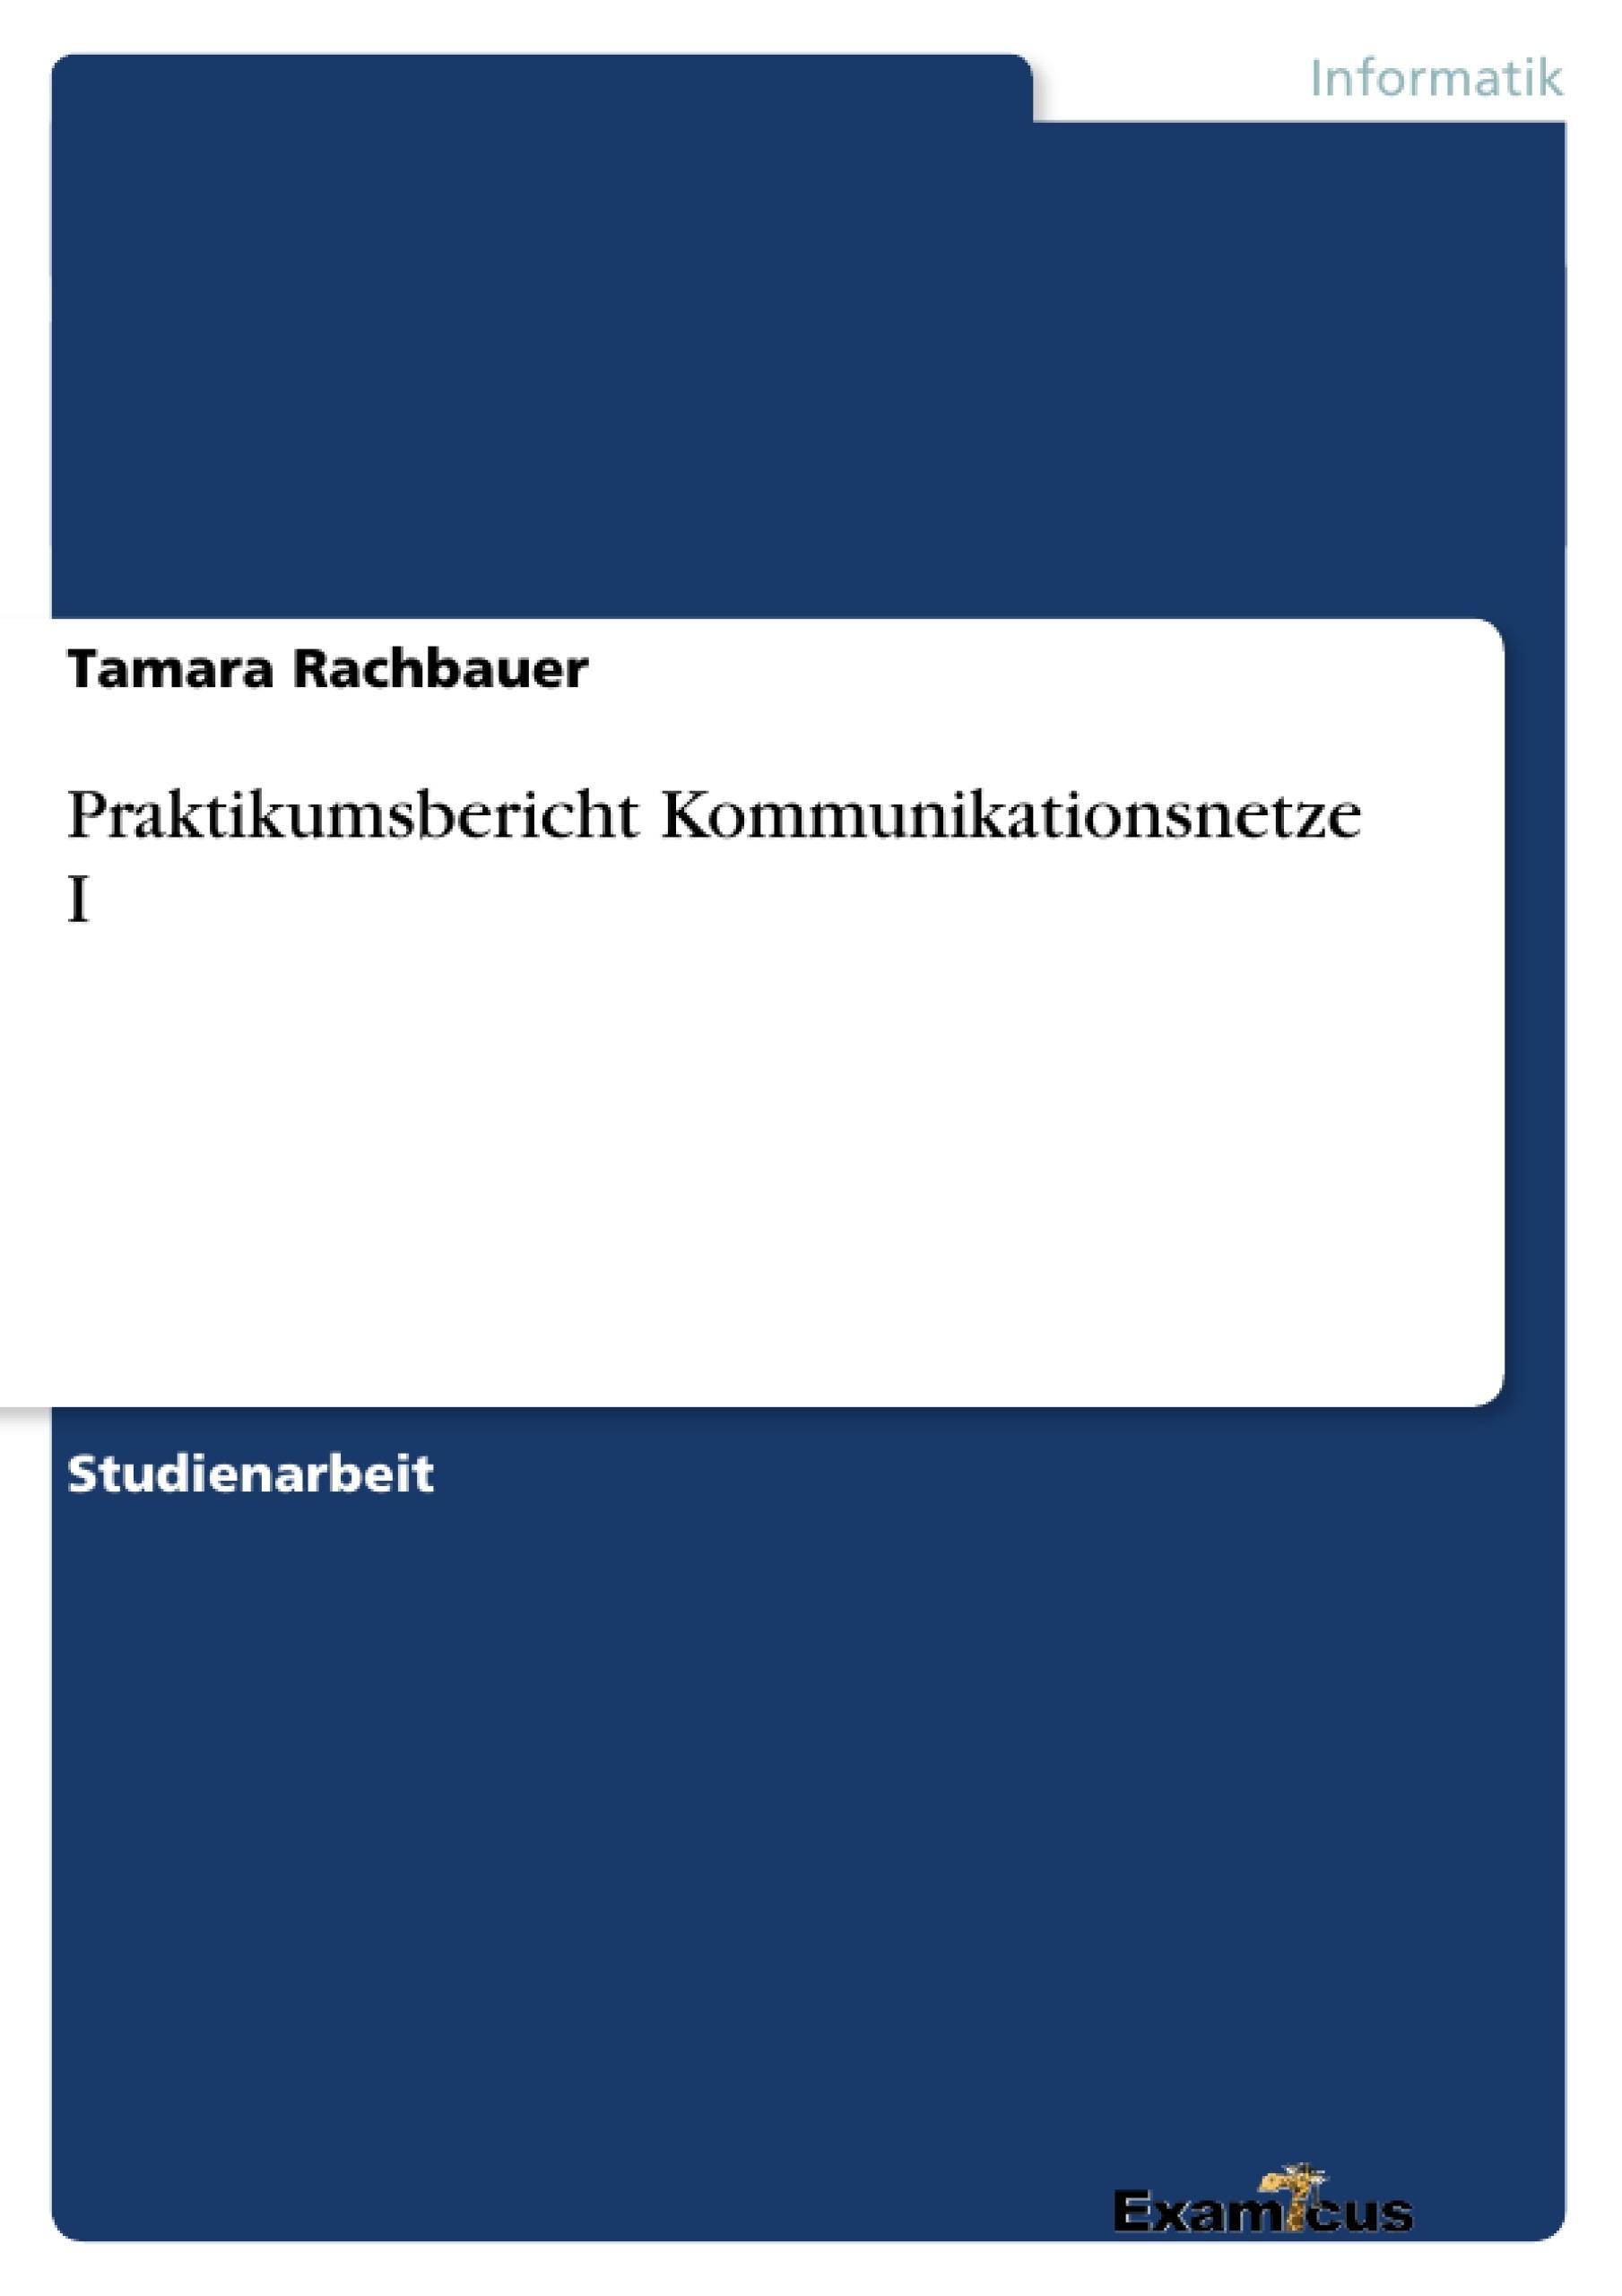 Titel: Praktikumsbericht Kommunikationsnetze I